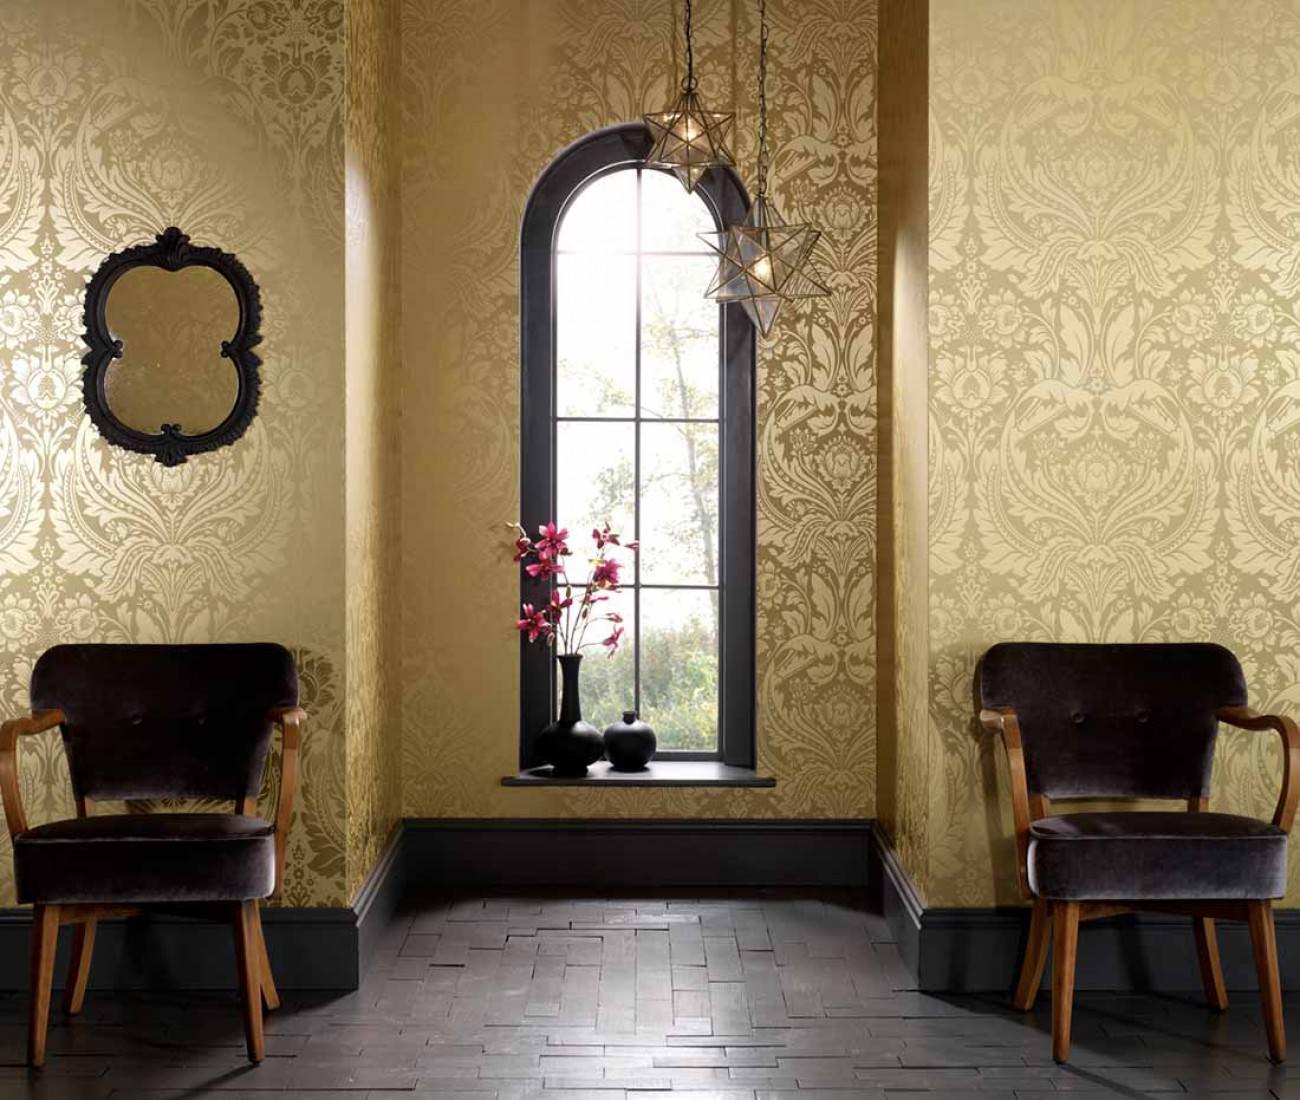 tapeten wohnzimmer gold : Tapete Manus Blasssandgelb Gold Tapeten Der 70er